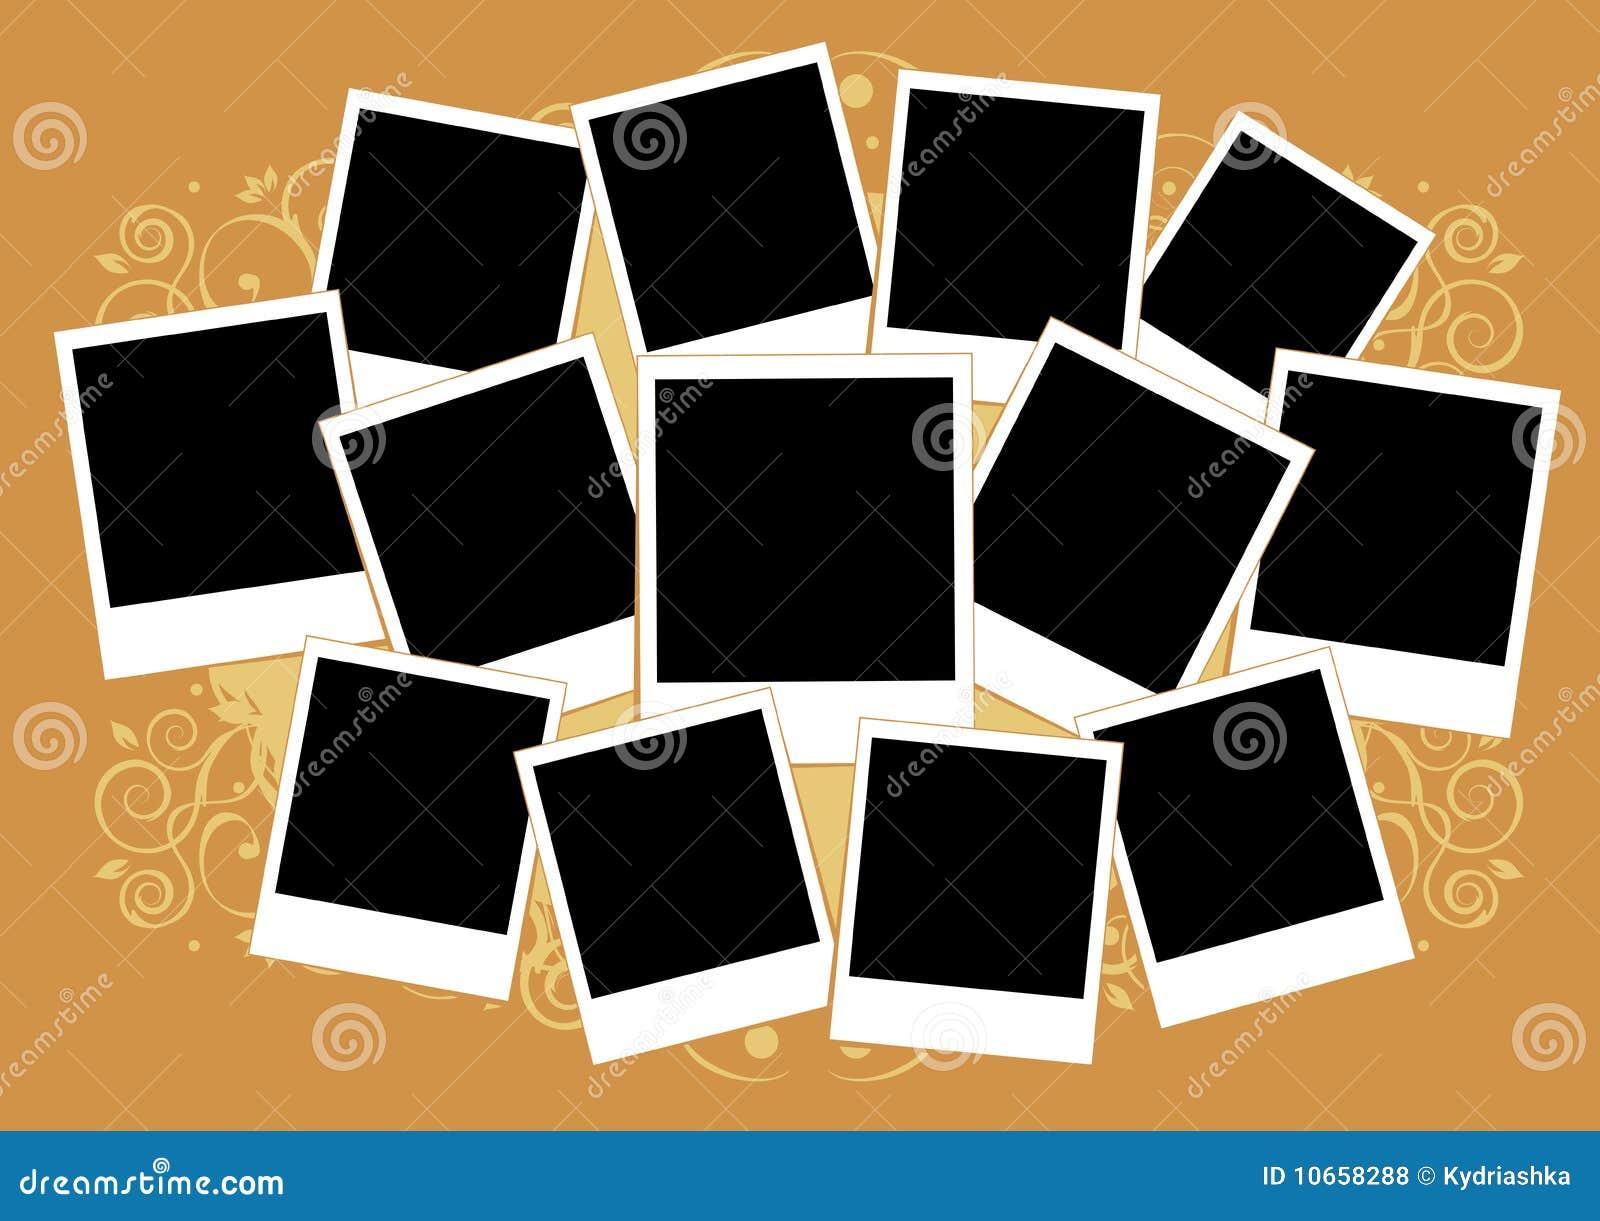 Скачать шаблон для коллажа фотографий